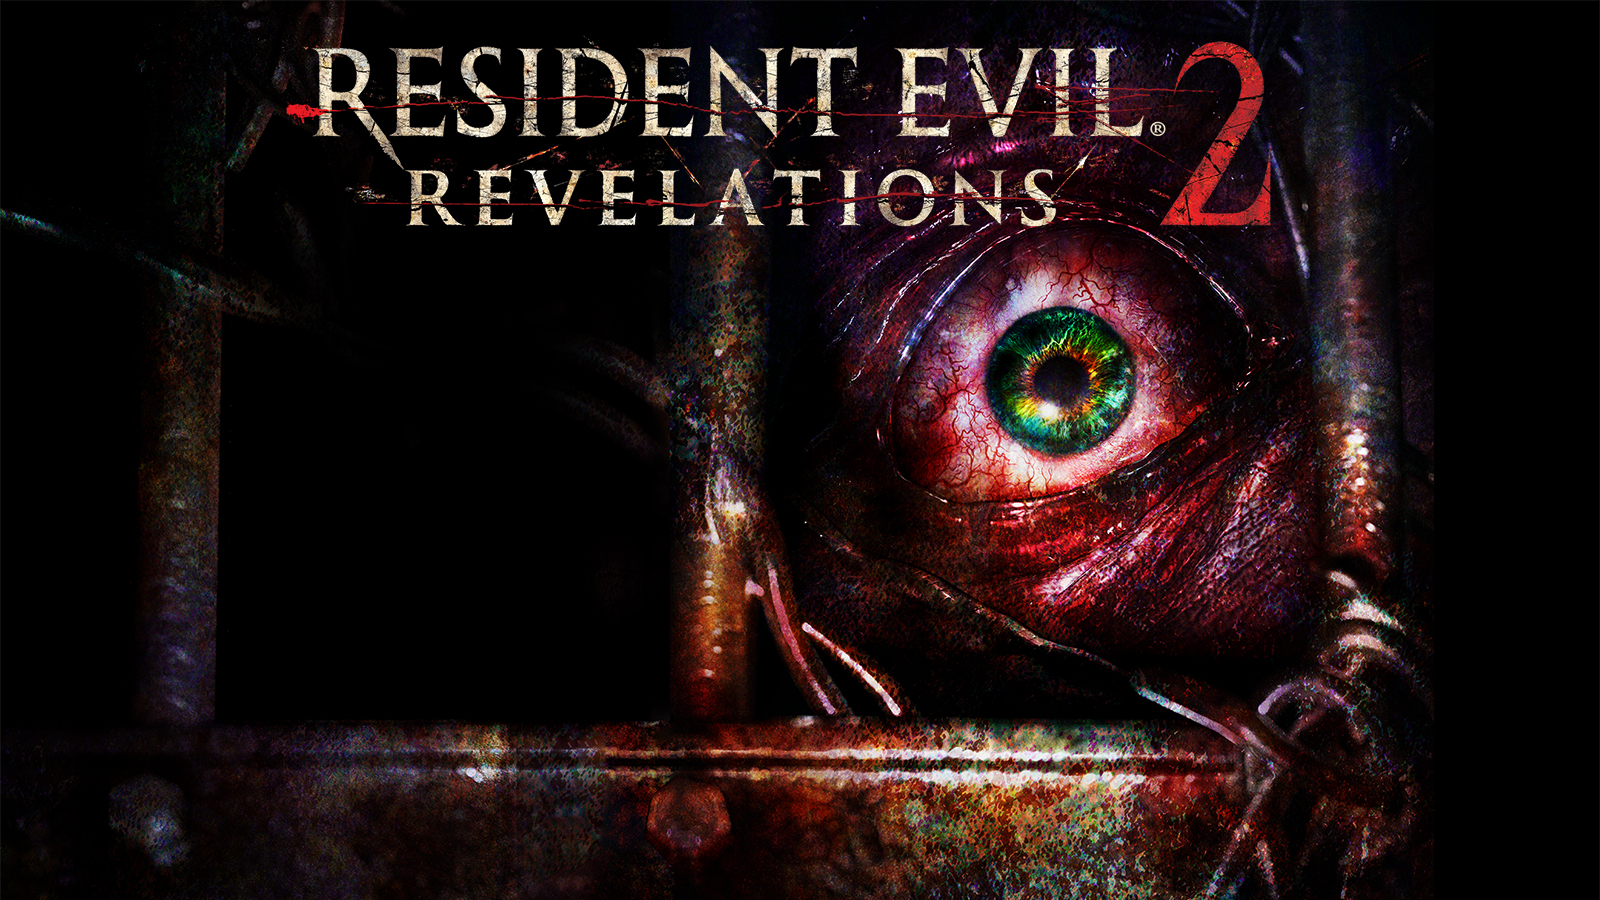 Resident Evil Revelations 2 Wallpapers Top Free Resident Evil